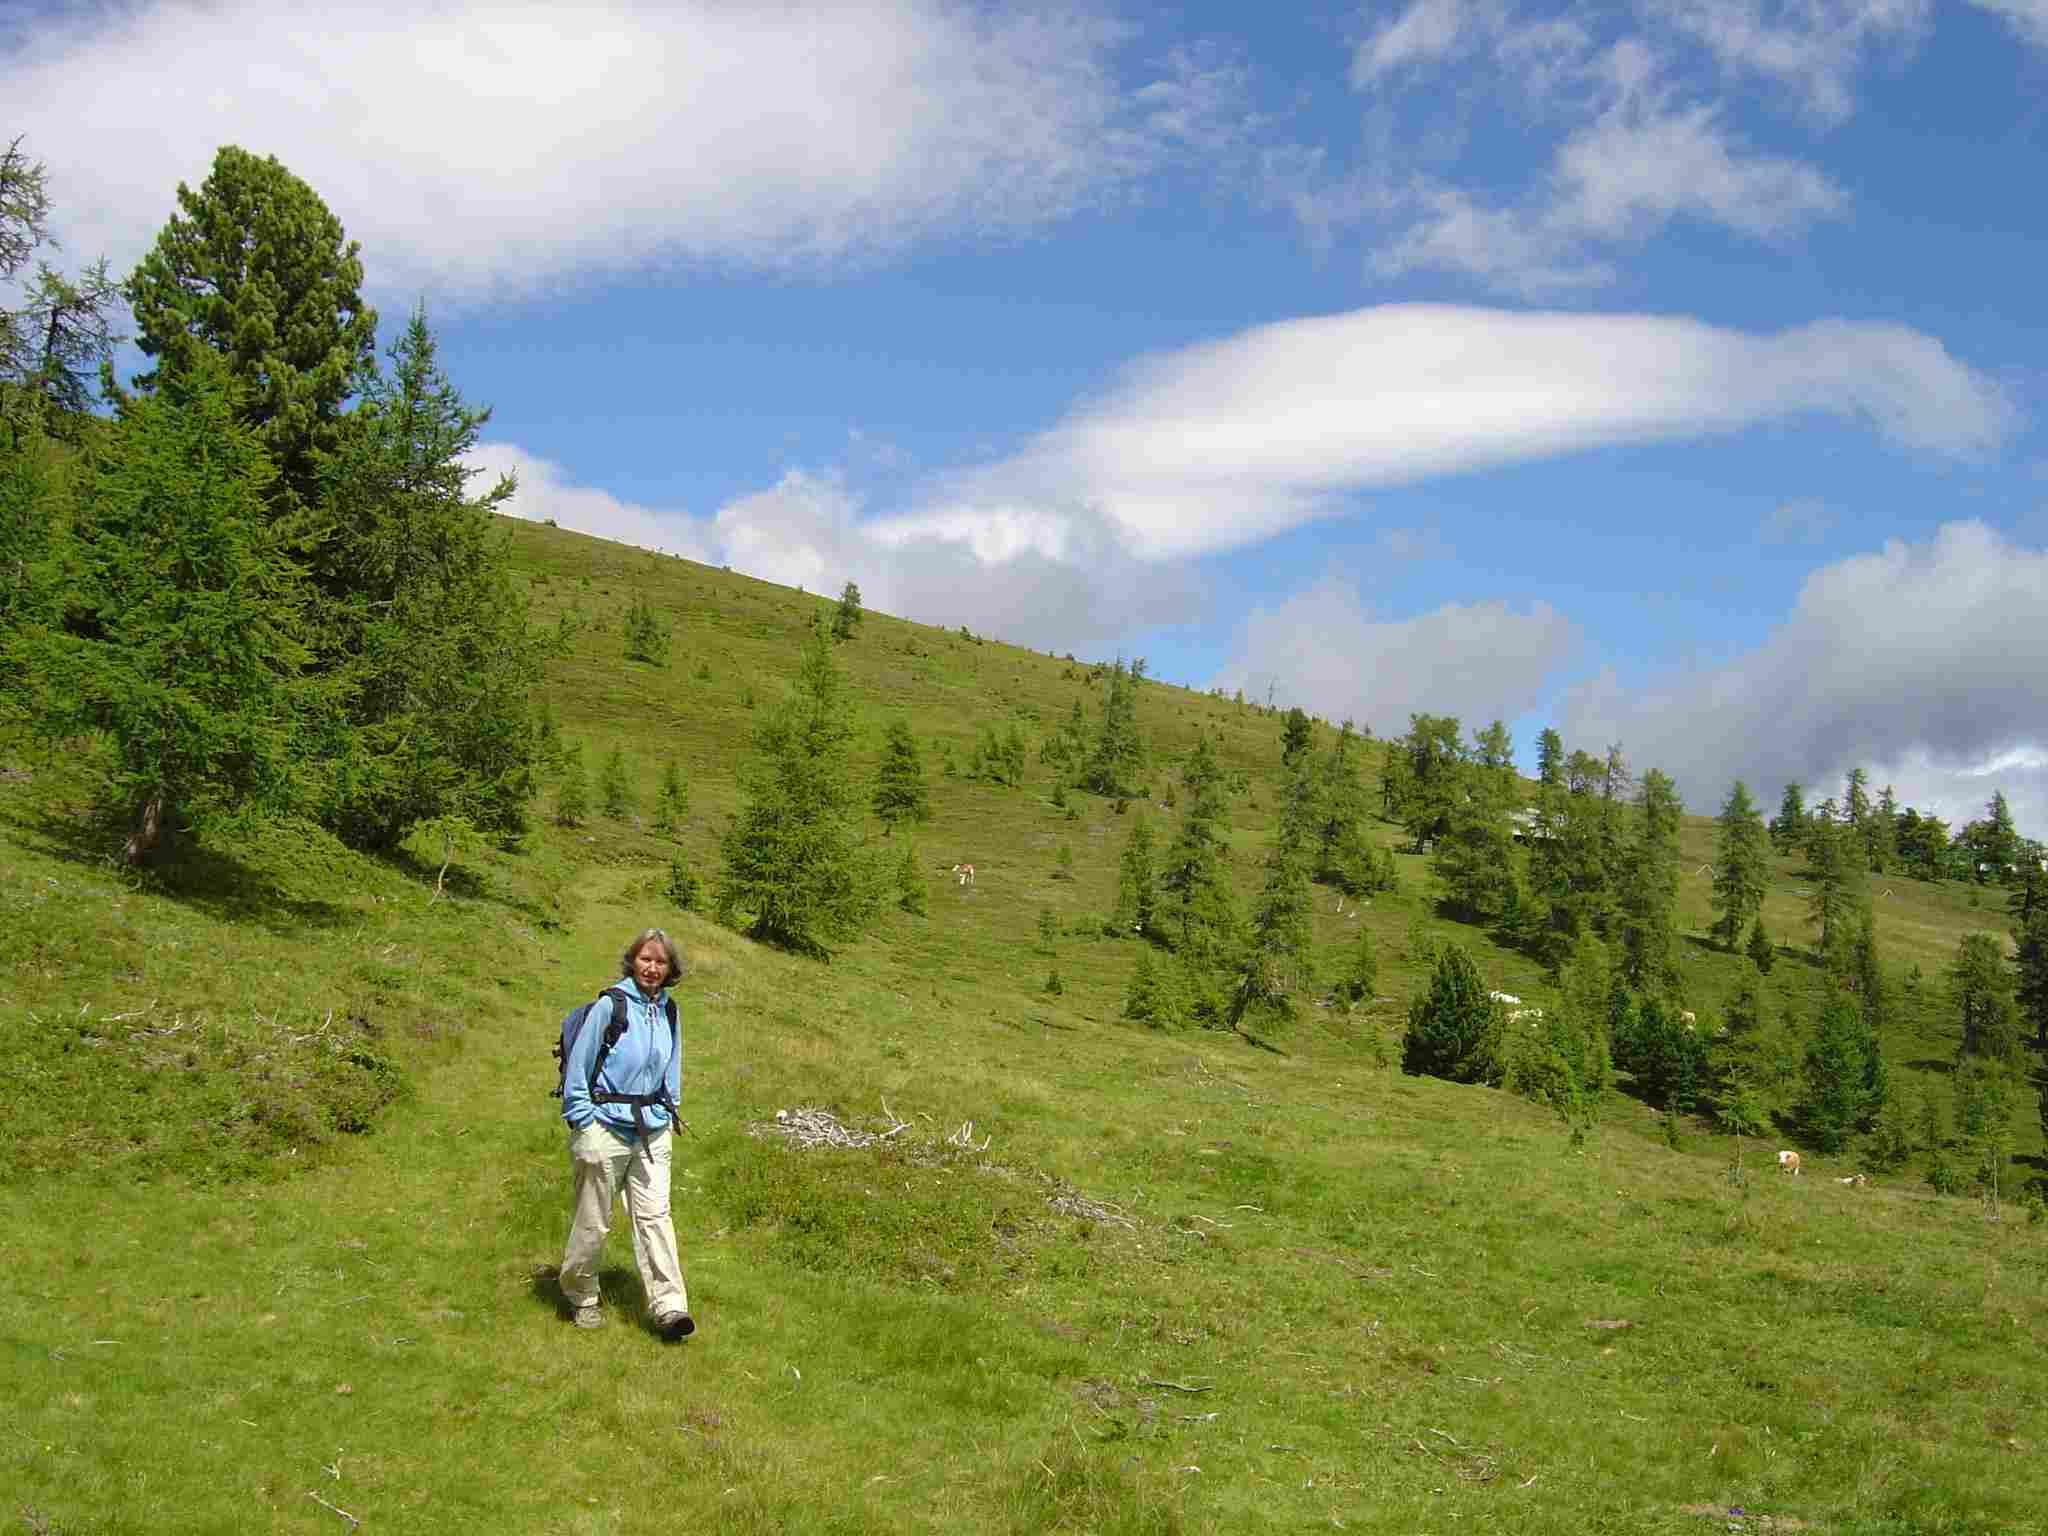 Foto: Manfred Karl / Wander Tour / Von St. Lorenzen auf den Speikkofel / Herrliche Almwiesen in der Nähe der Kirchlhütte. / 03.05.2007 06:27:49